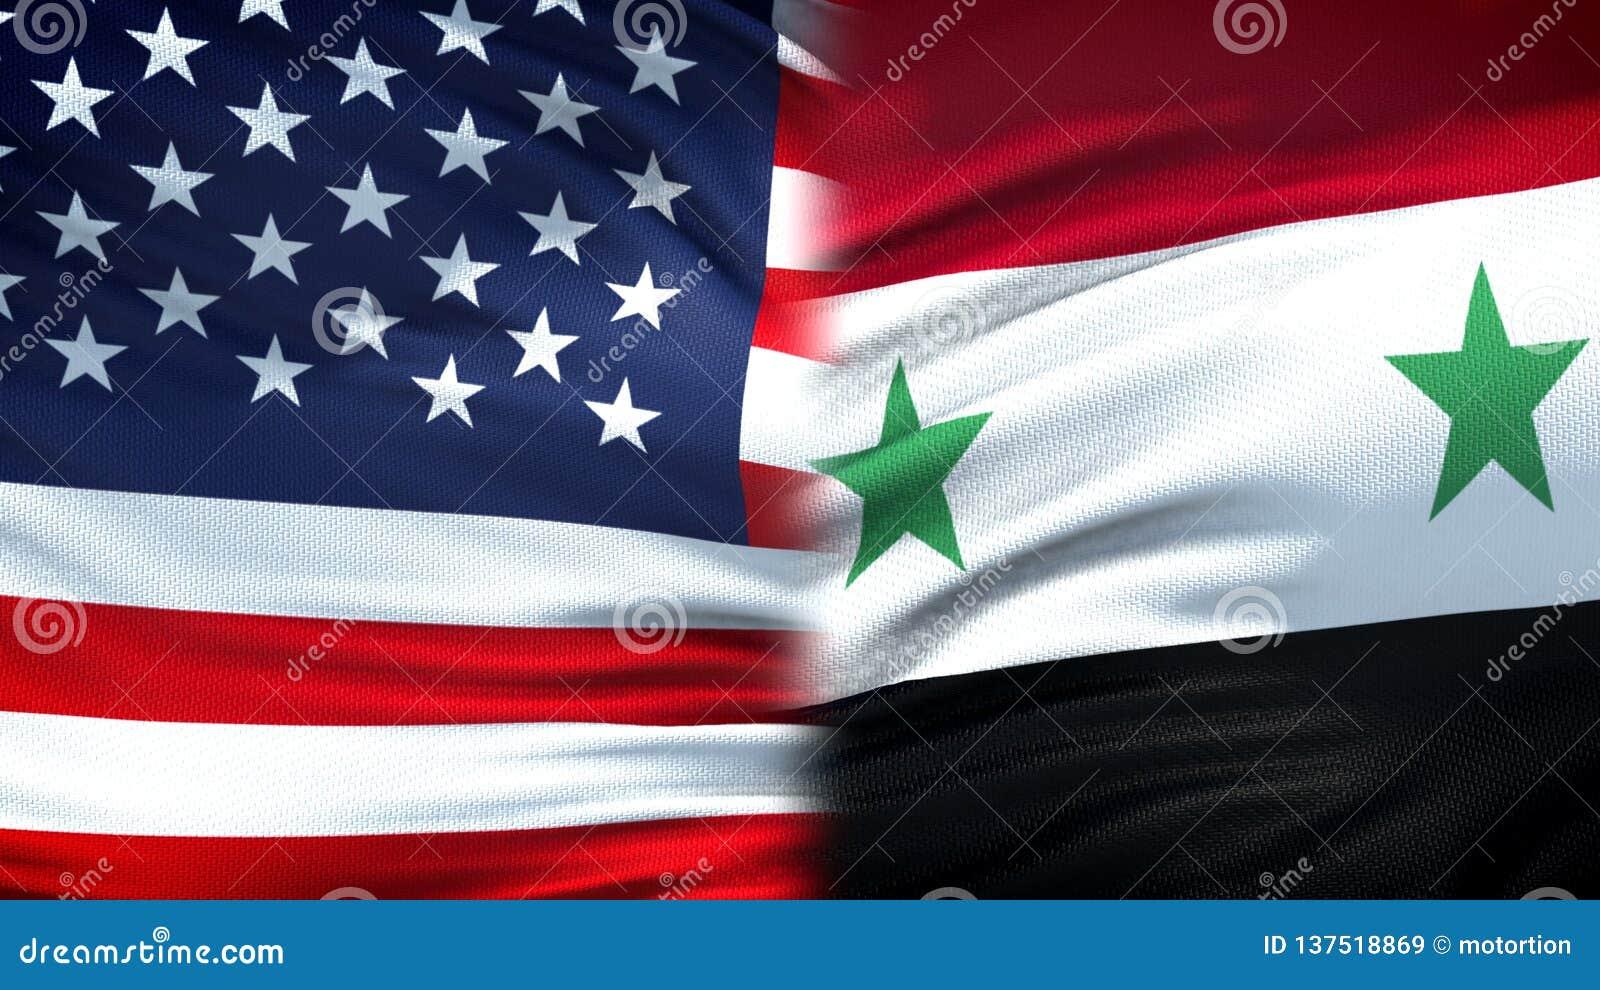 Предпосылка флагов Соединенных Штатов и Сирии, дипломатический и экономические отношения